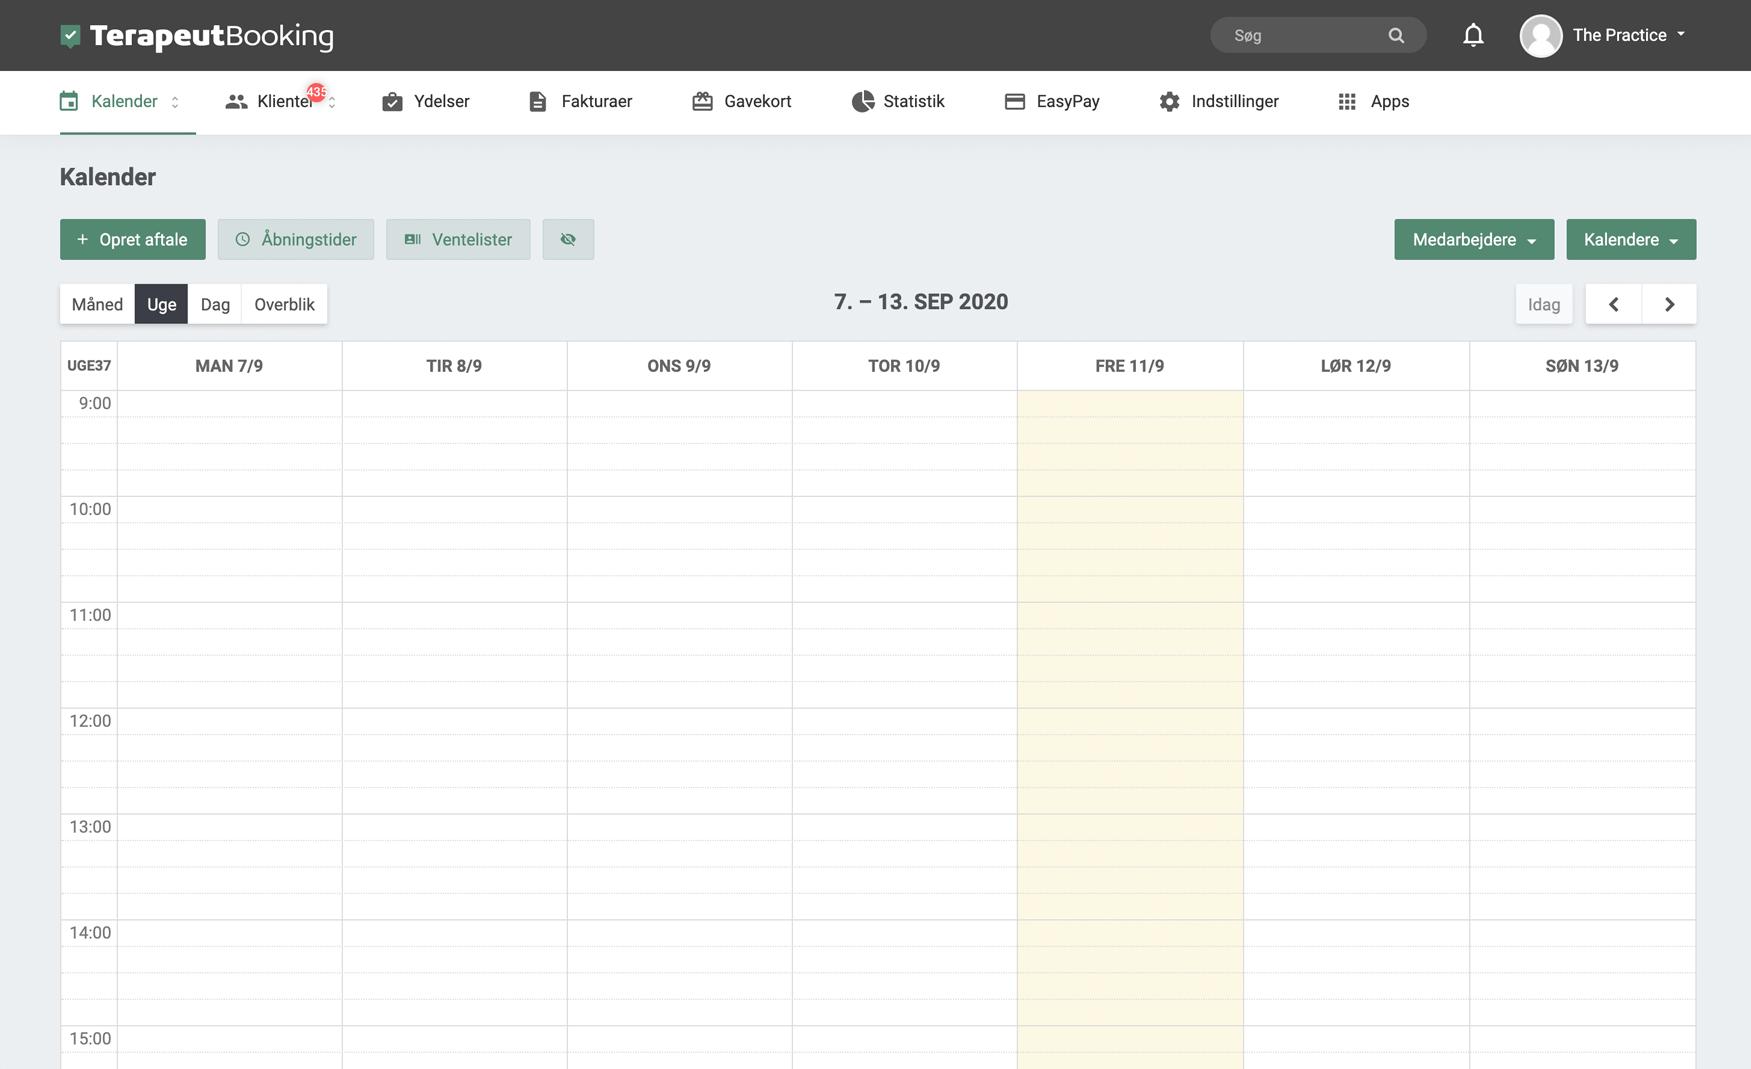 Opret en gratis konto i dag og få adgang til et smart kalender og booking system